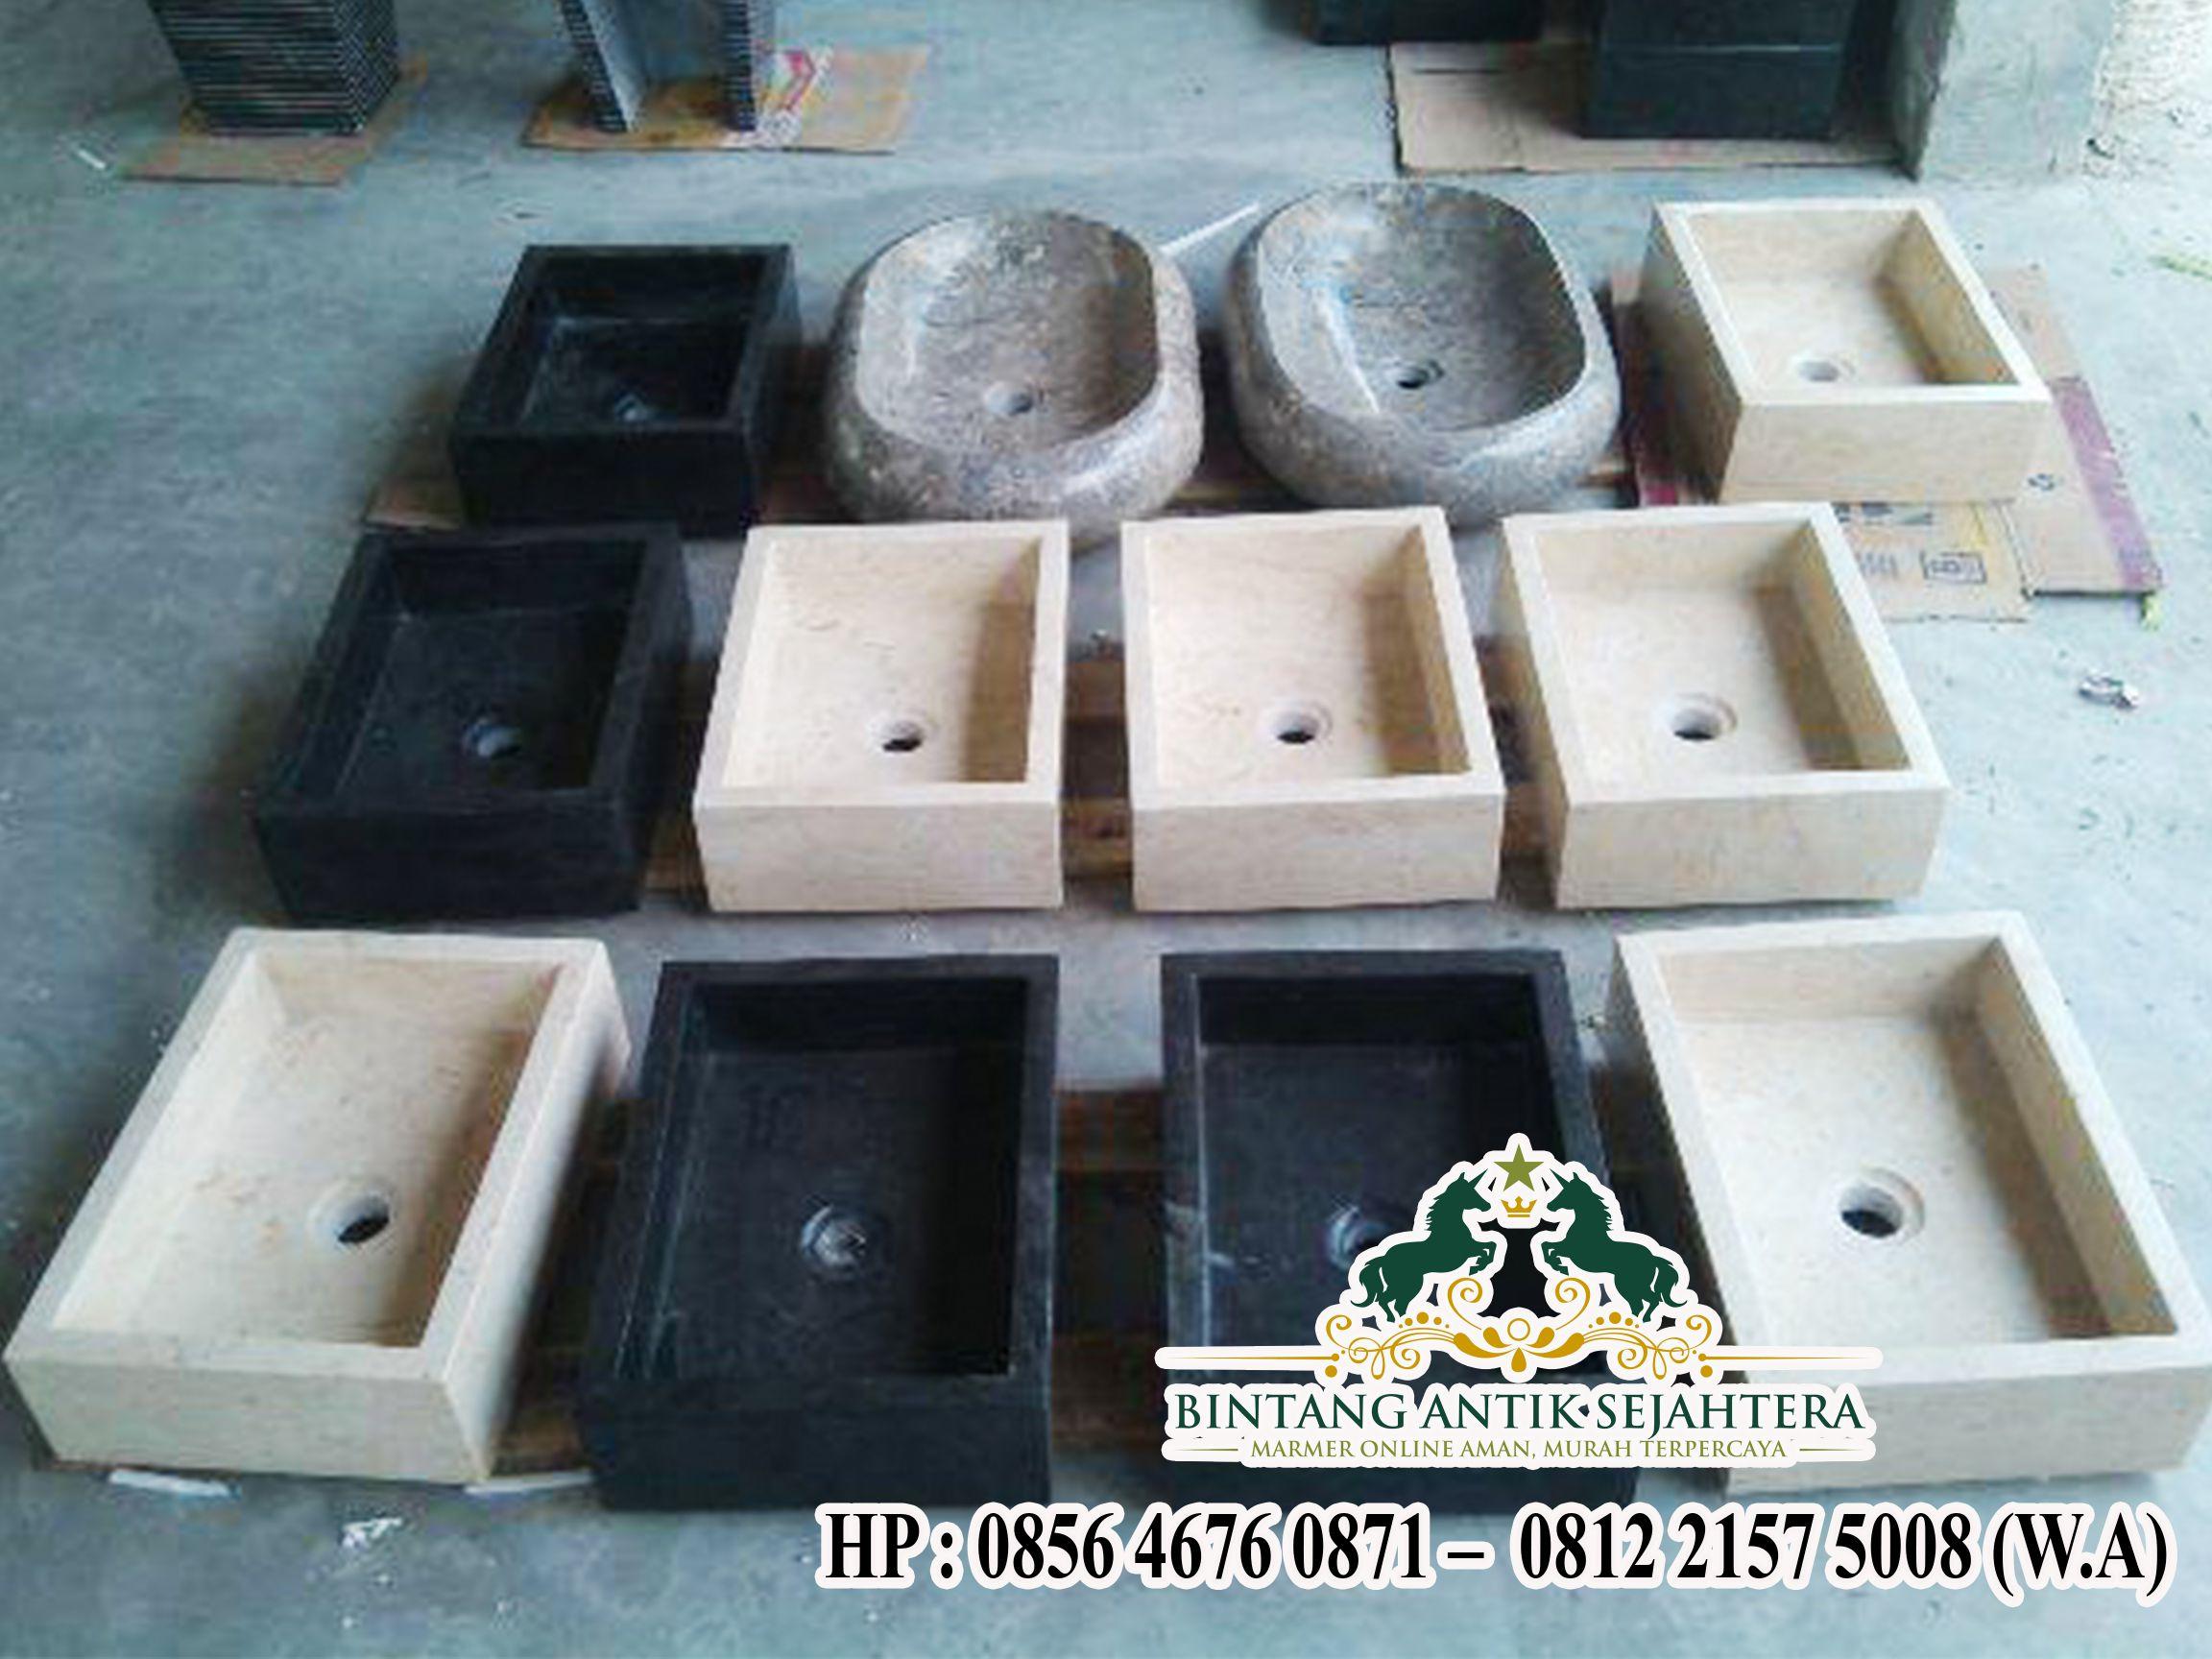 Wastafel Kotak Marmer, Harga Wastafel Murah